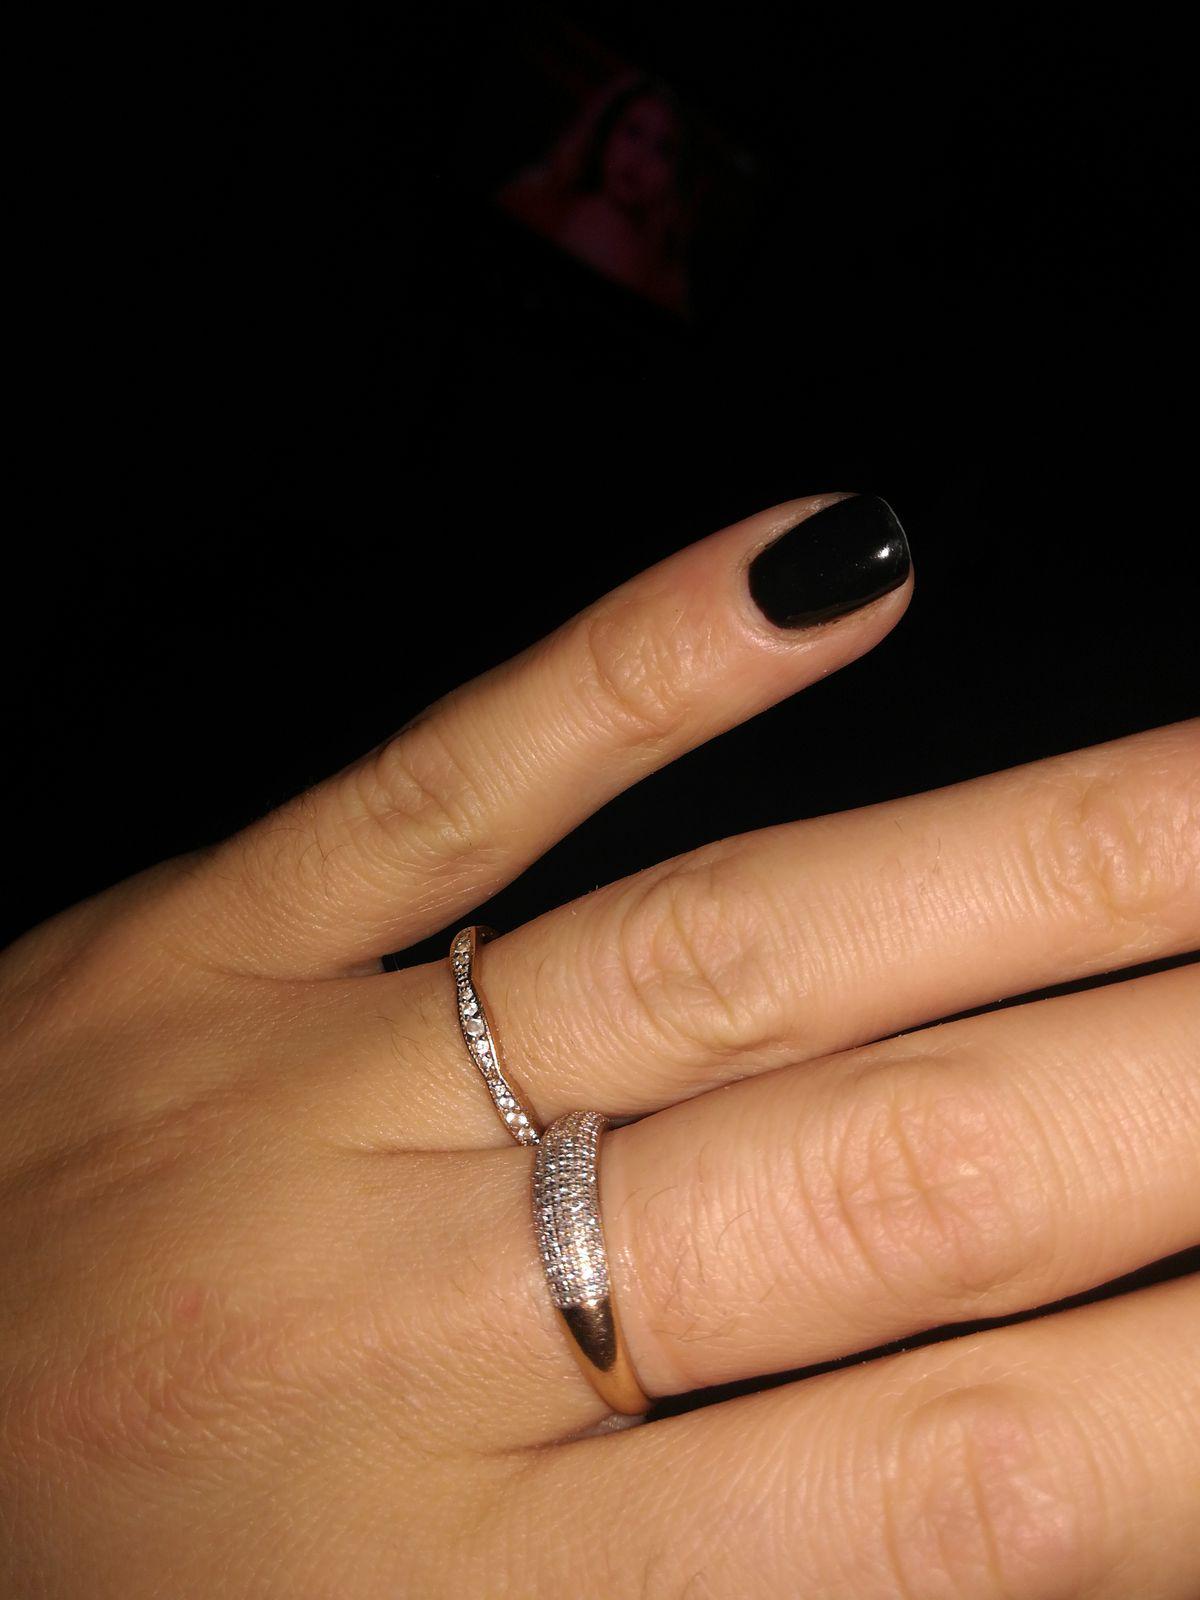 Кольцо очееень красивое:)